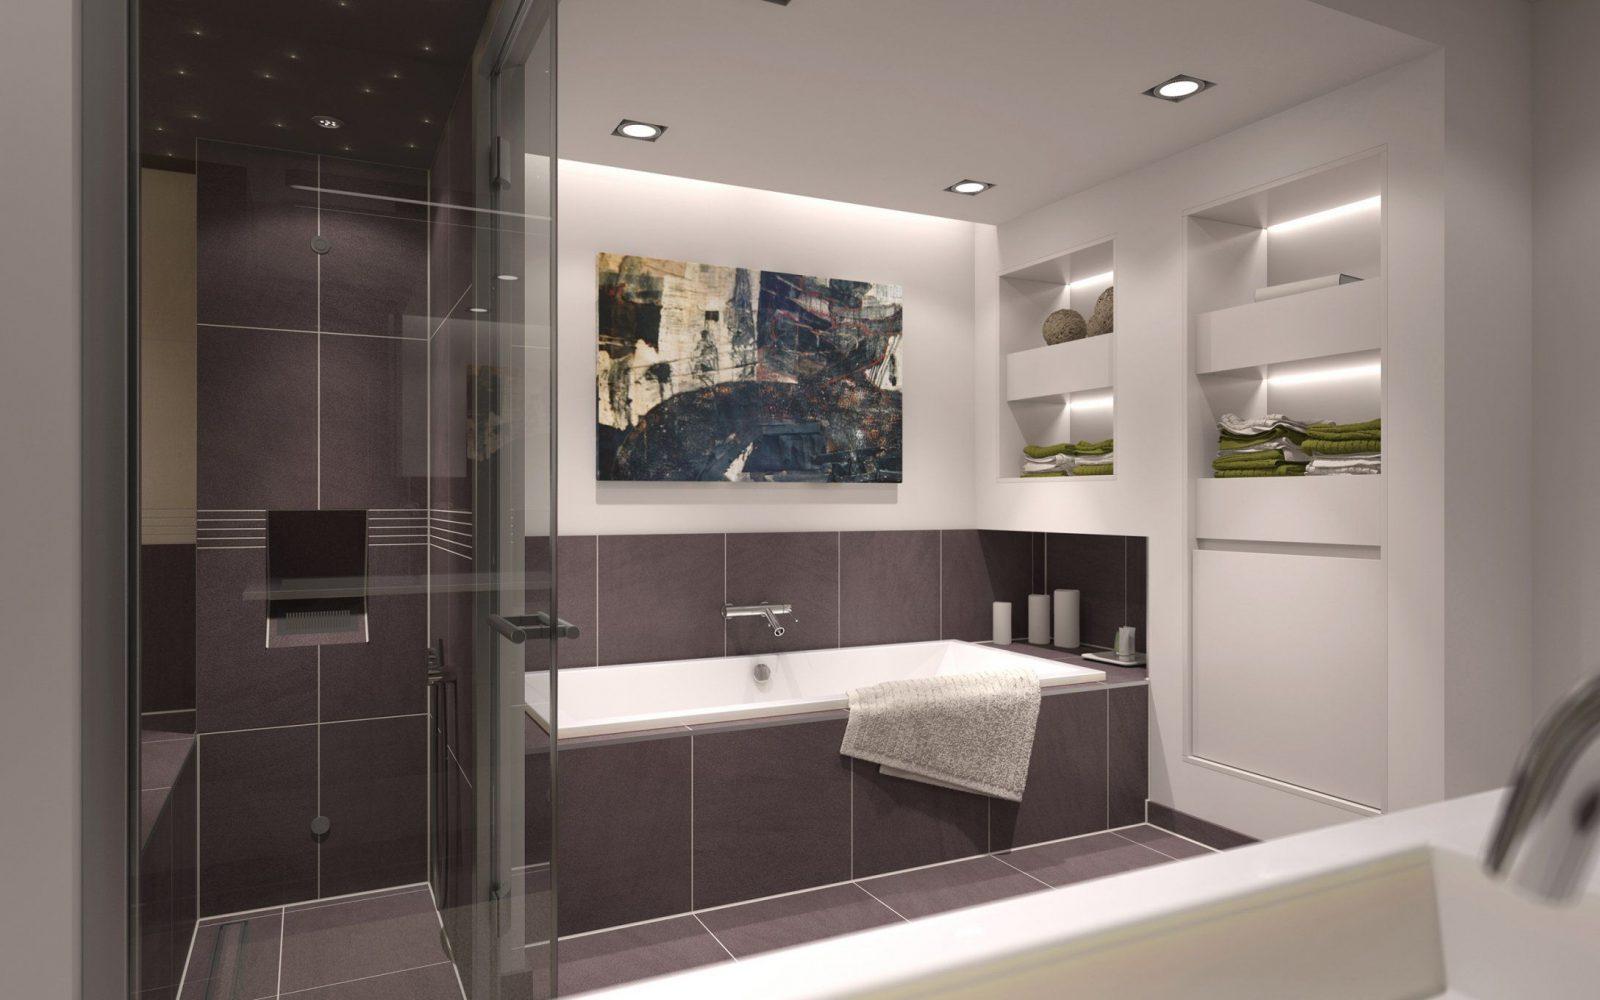 Badezimmer 10 Qm  Design von Kleine Bäder Die Besten Lösungen Bis 10 Qm Photo